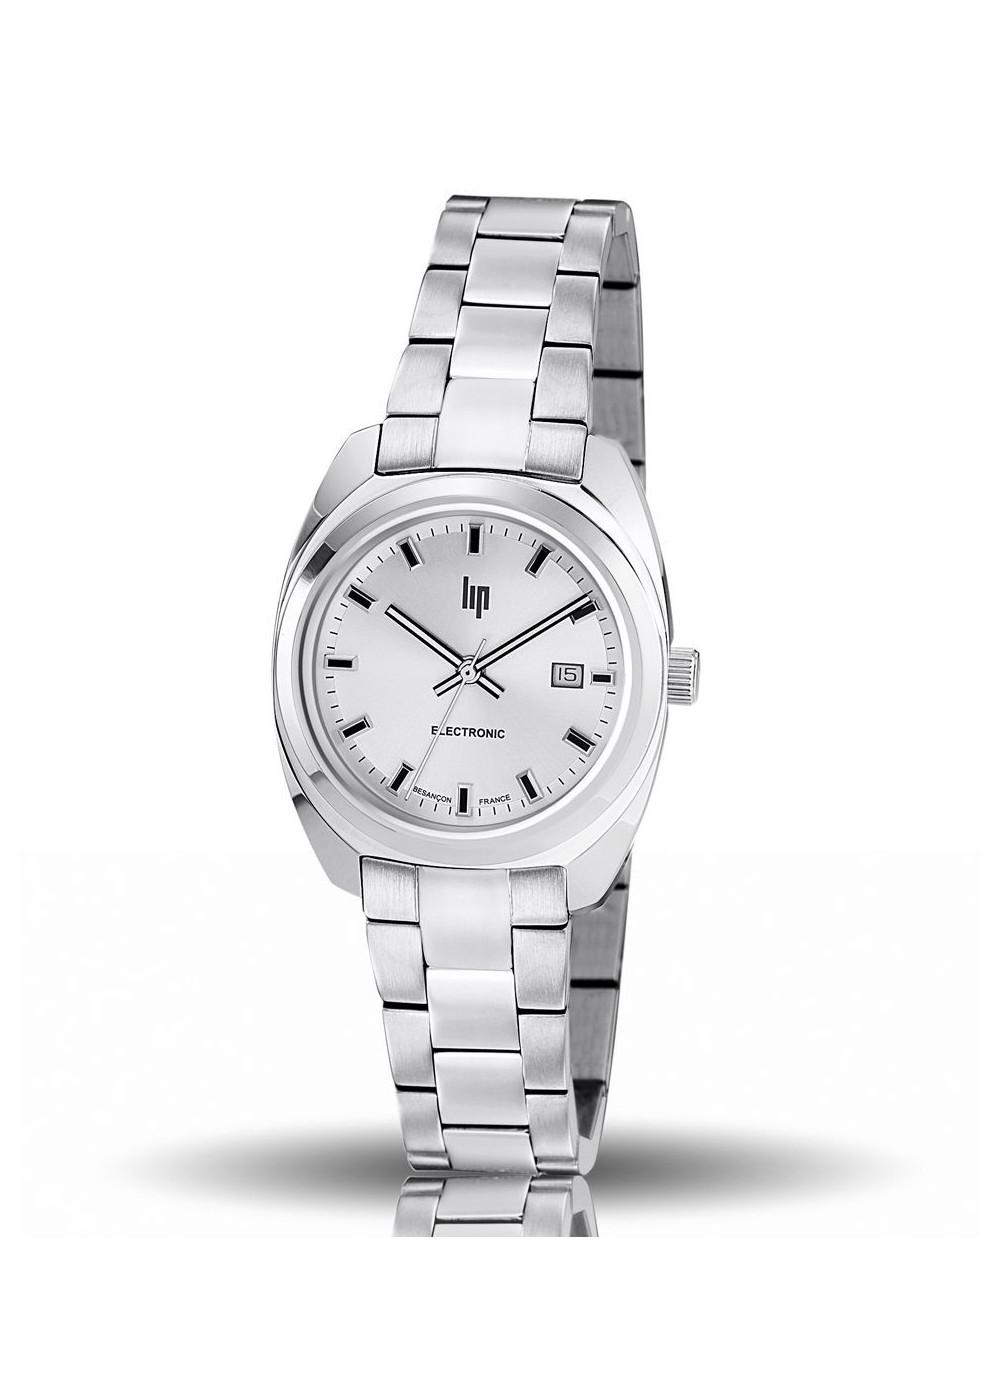 montre lip, général de gaulle, 31 mm, boitier acier gris, bracelet métal, quartz, 671325